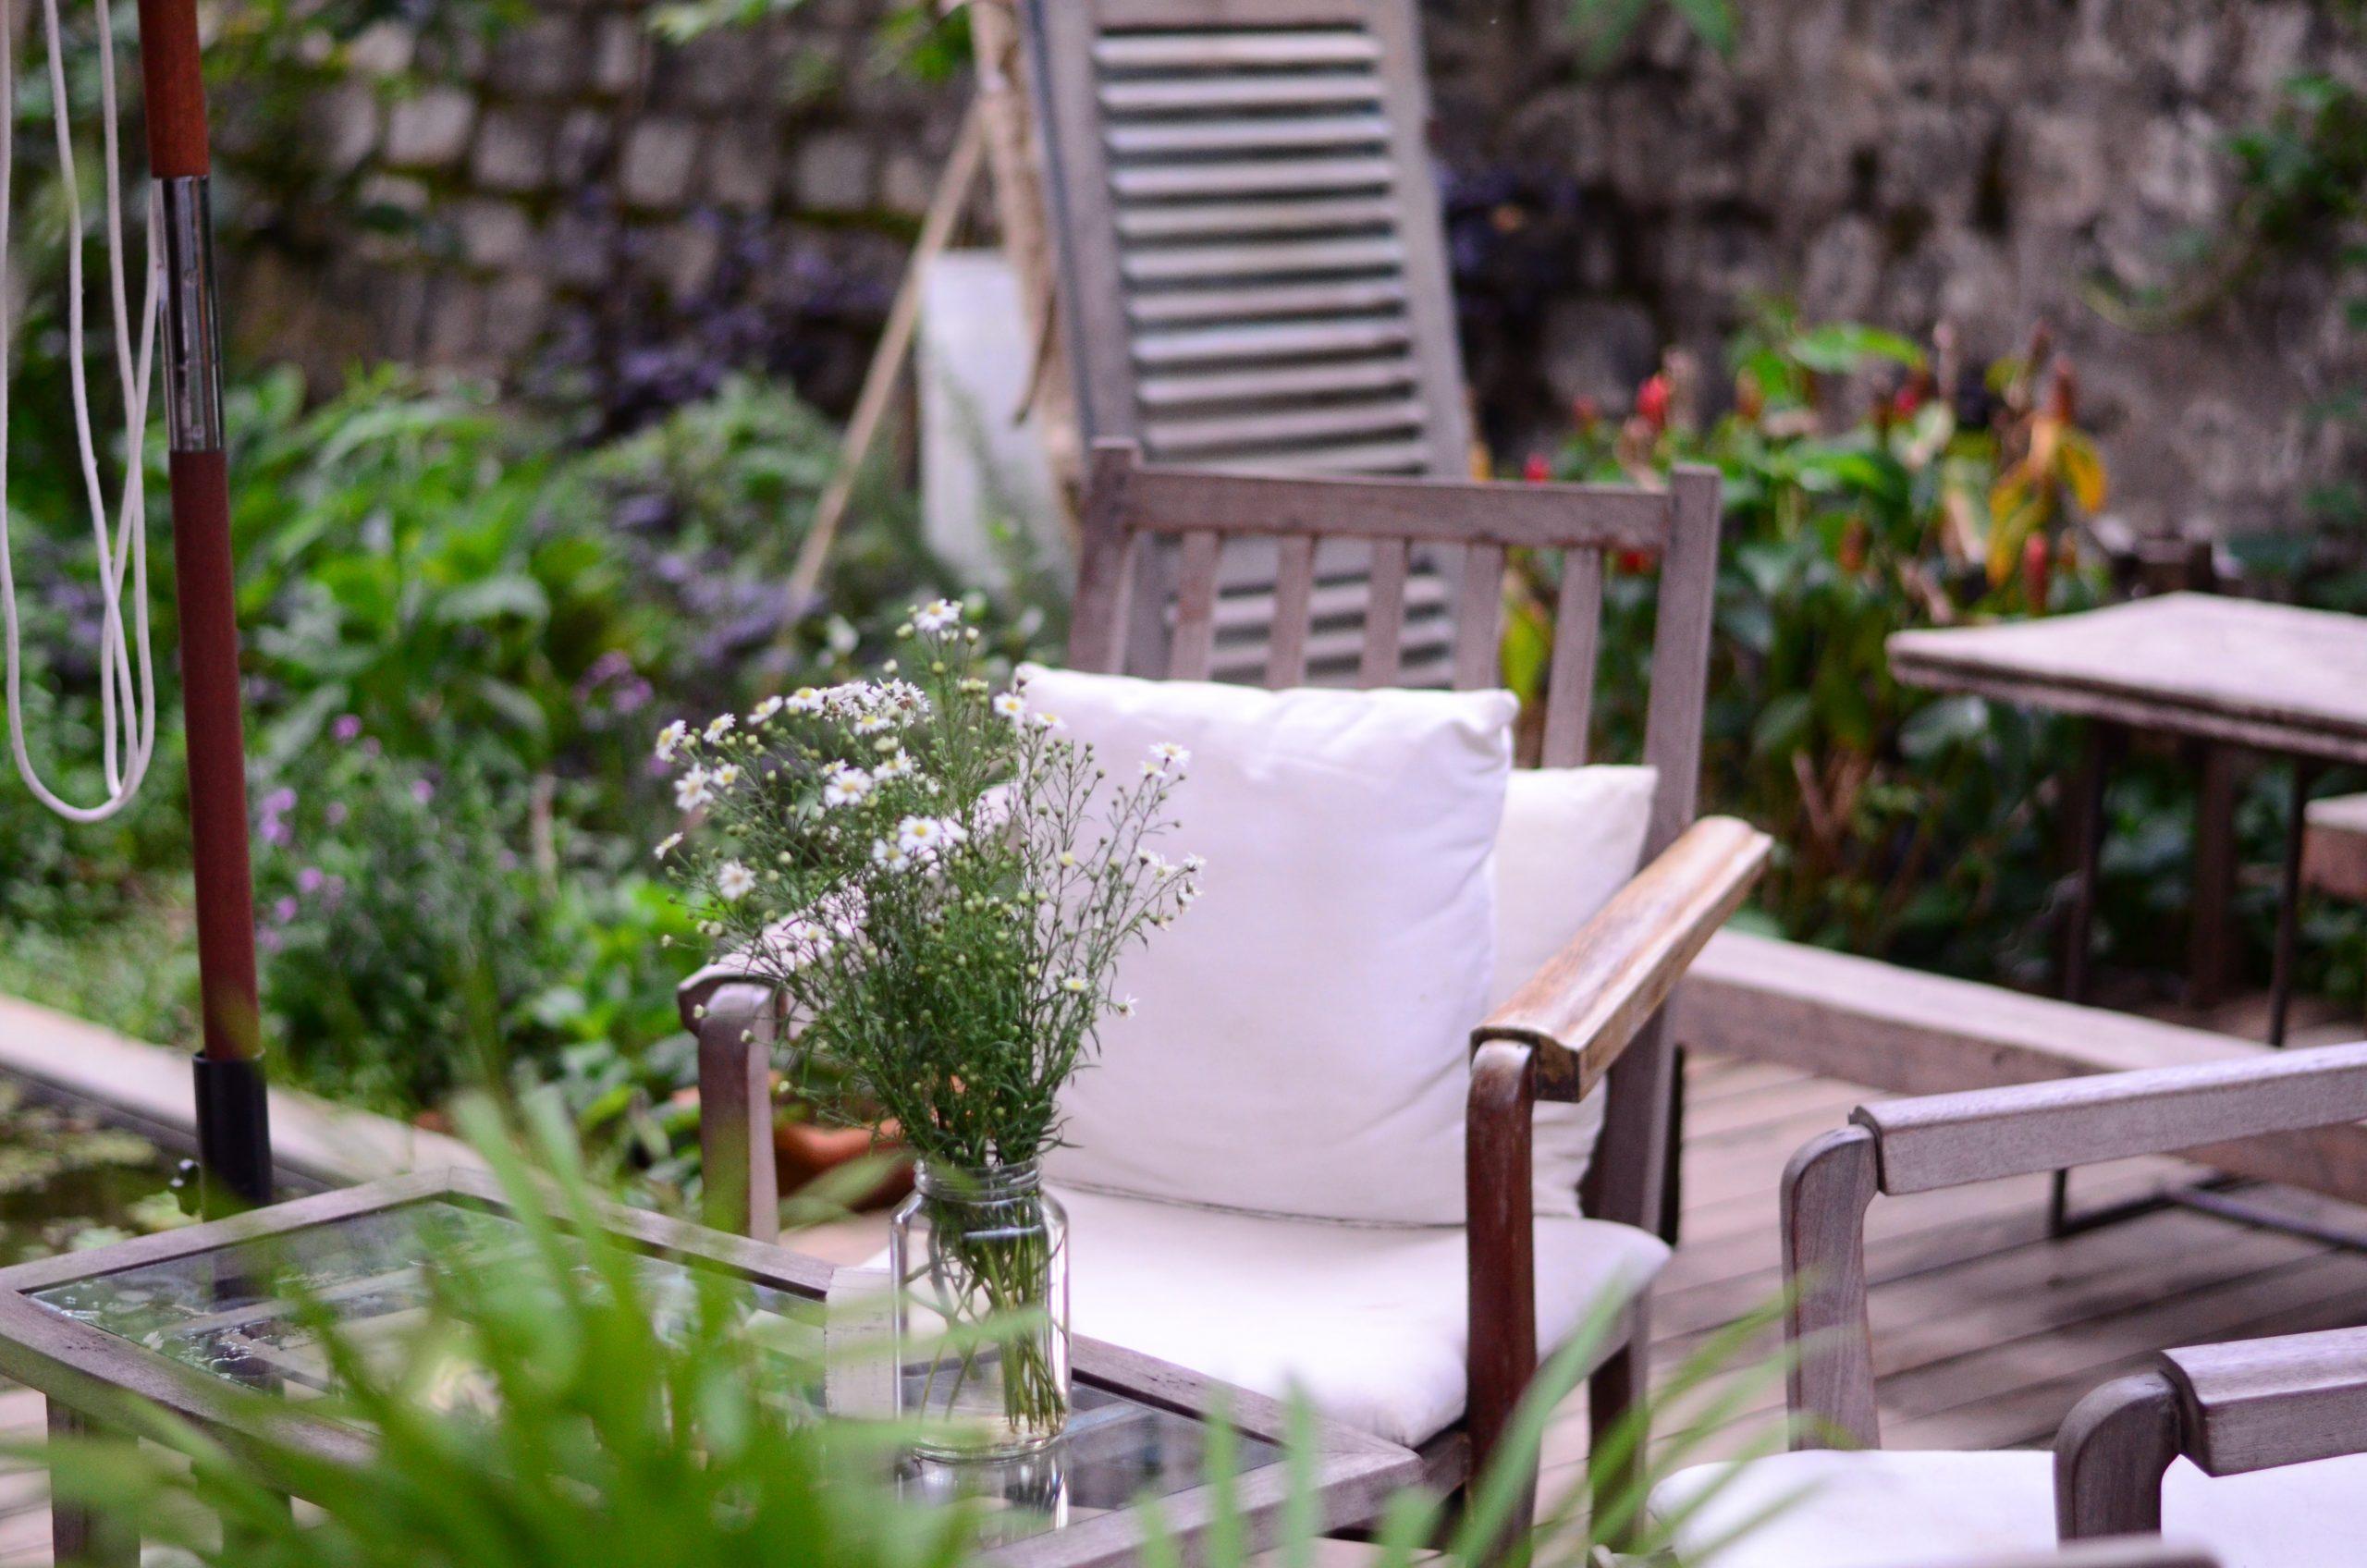 tanny do 8NivhWR8hRU unsplash scaled - Gør din terrasse eller altan sommerklar